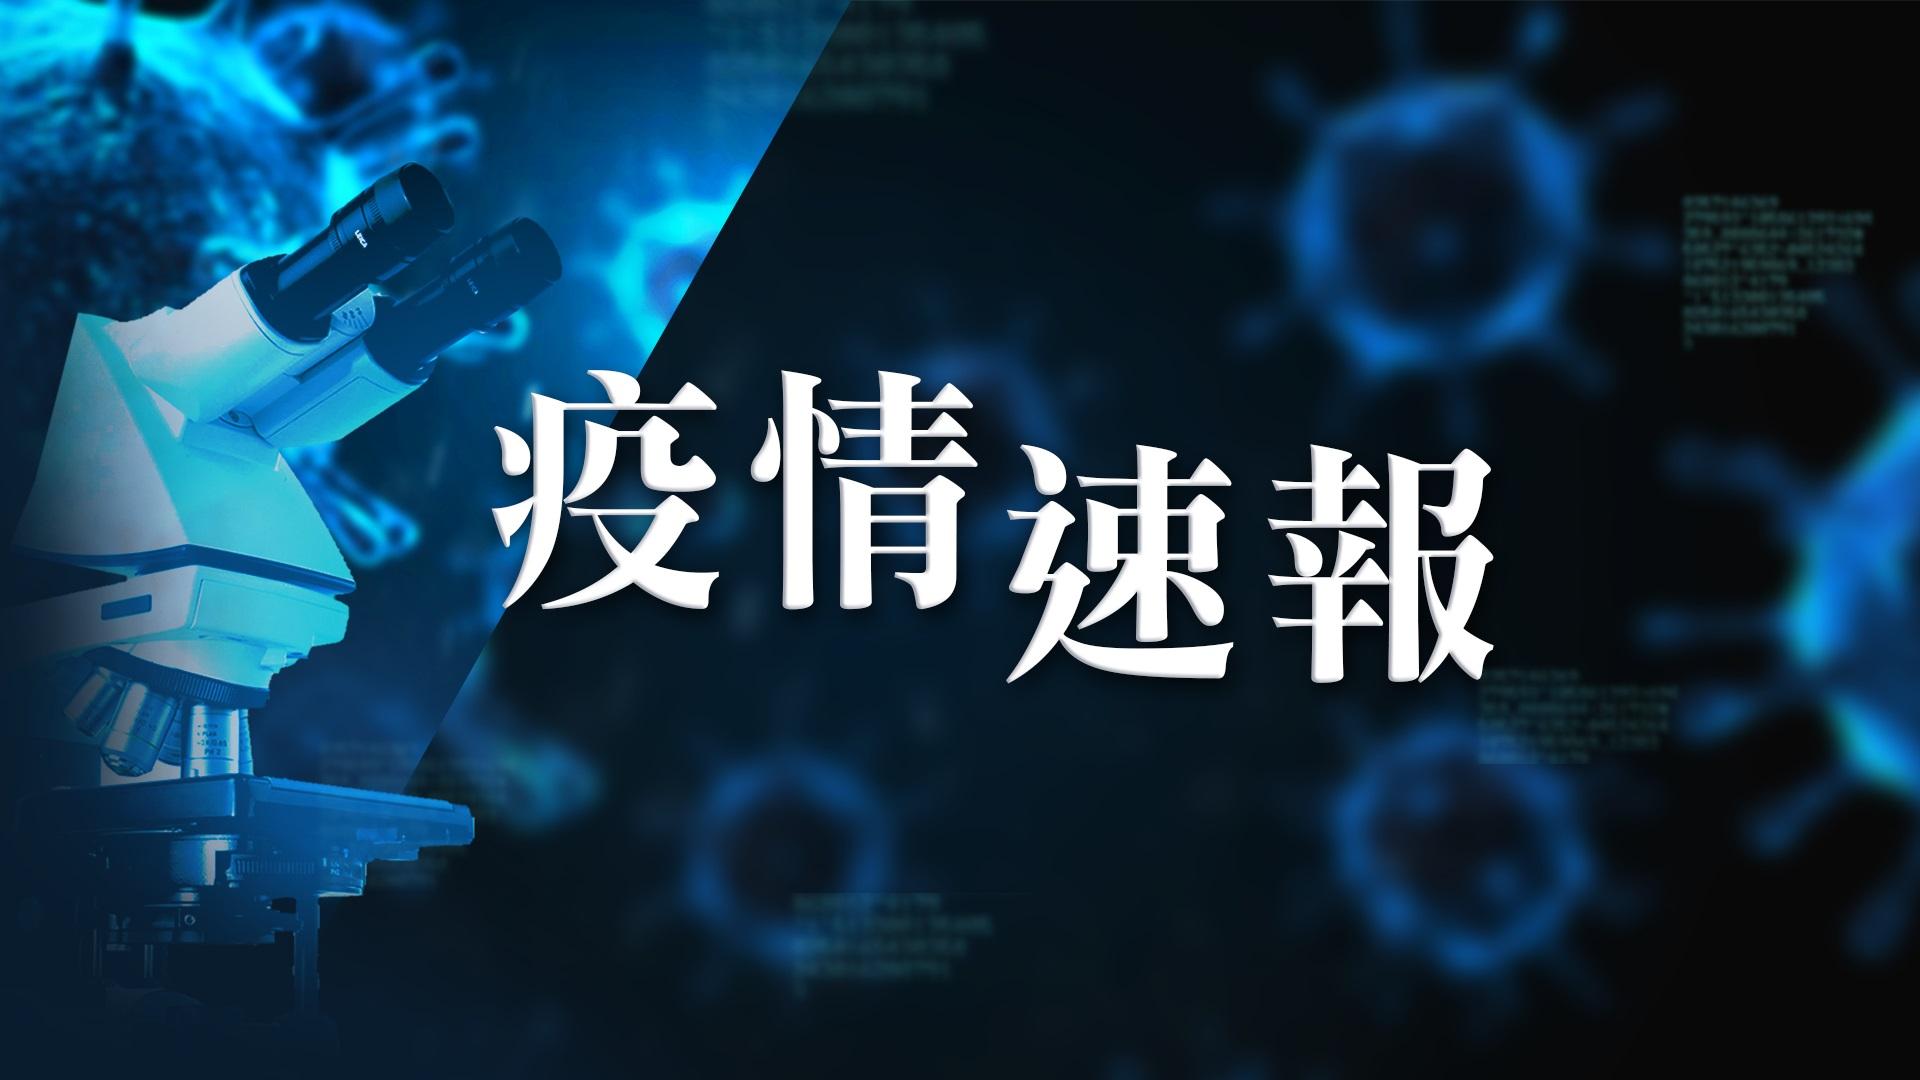 【8月15日疫情速報】(23:30)